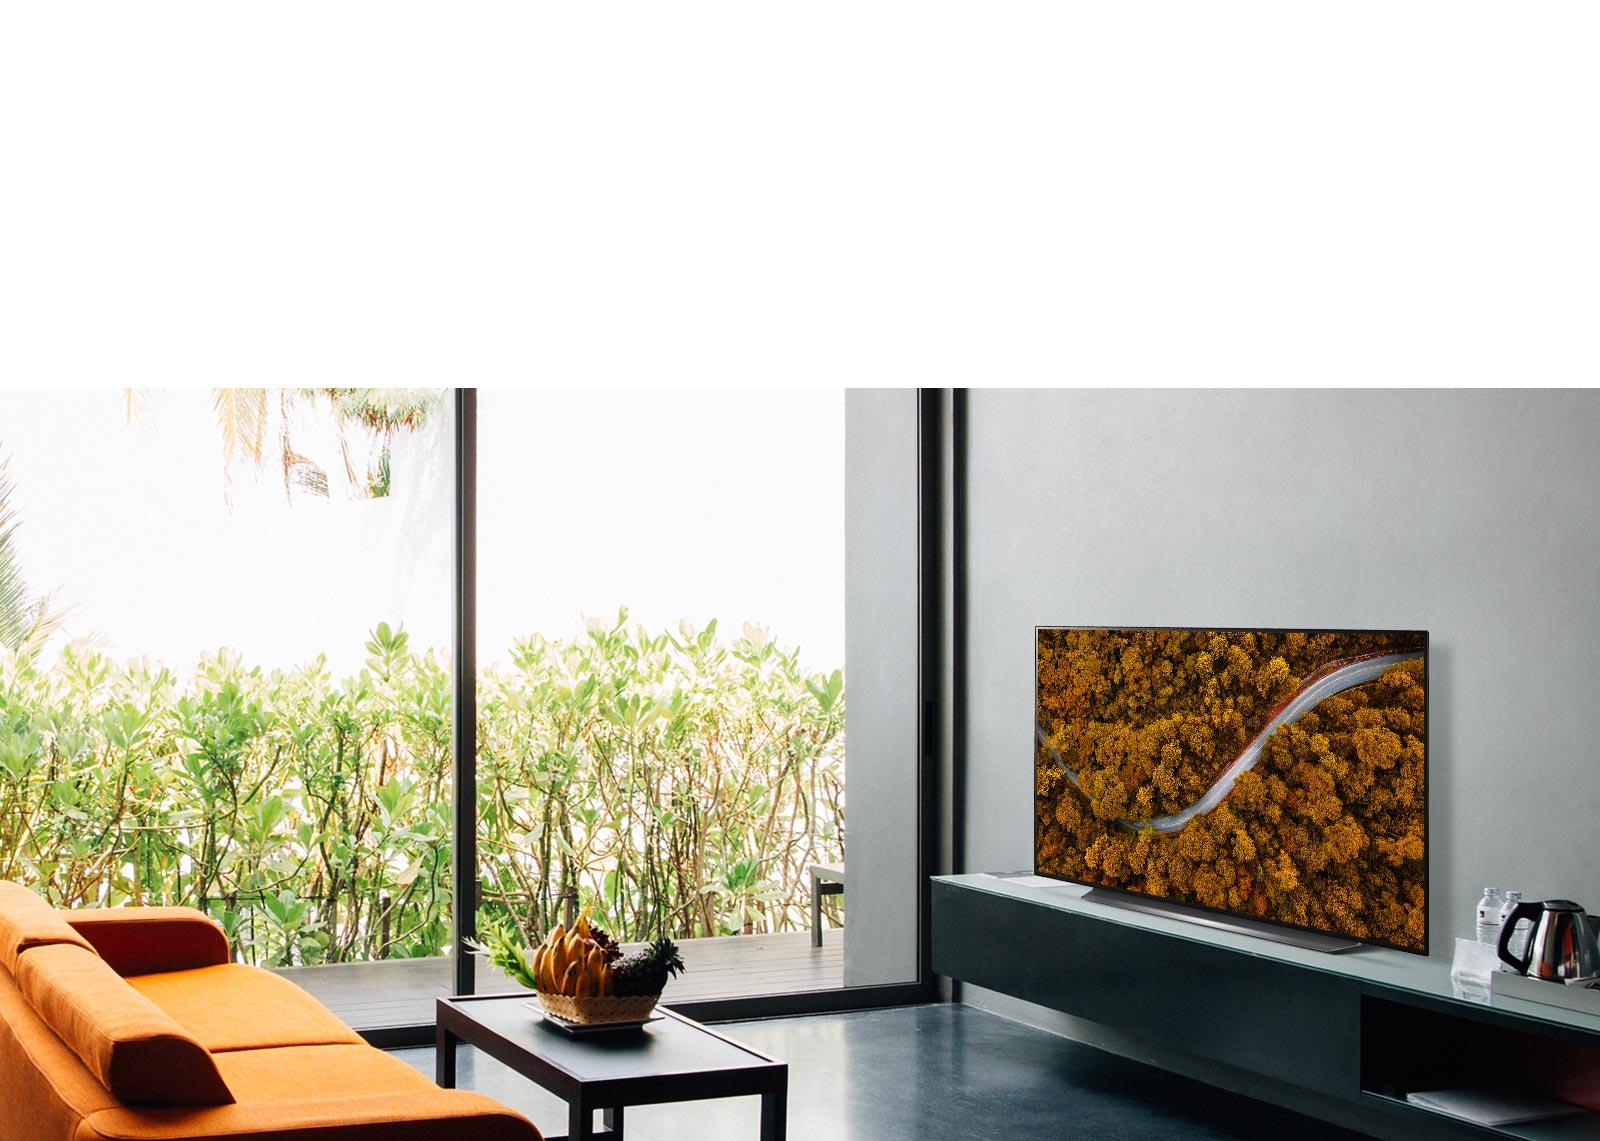 Salon avec un canapé et un téléviseur présentant une vue aérienne de la nature